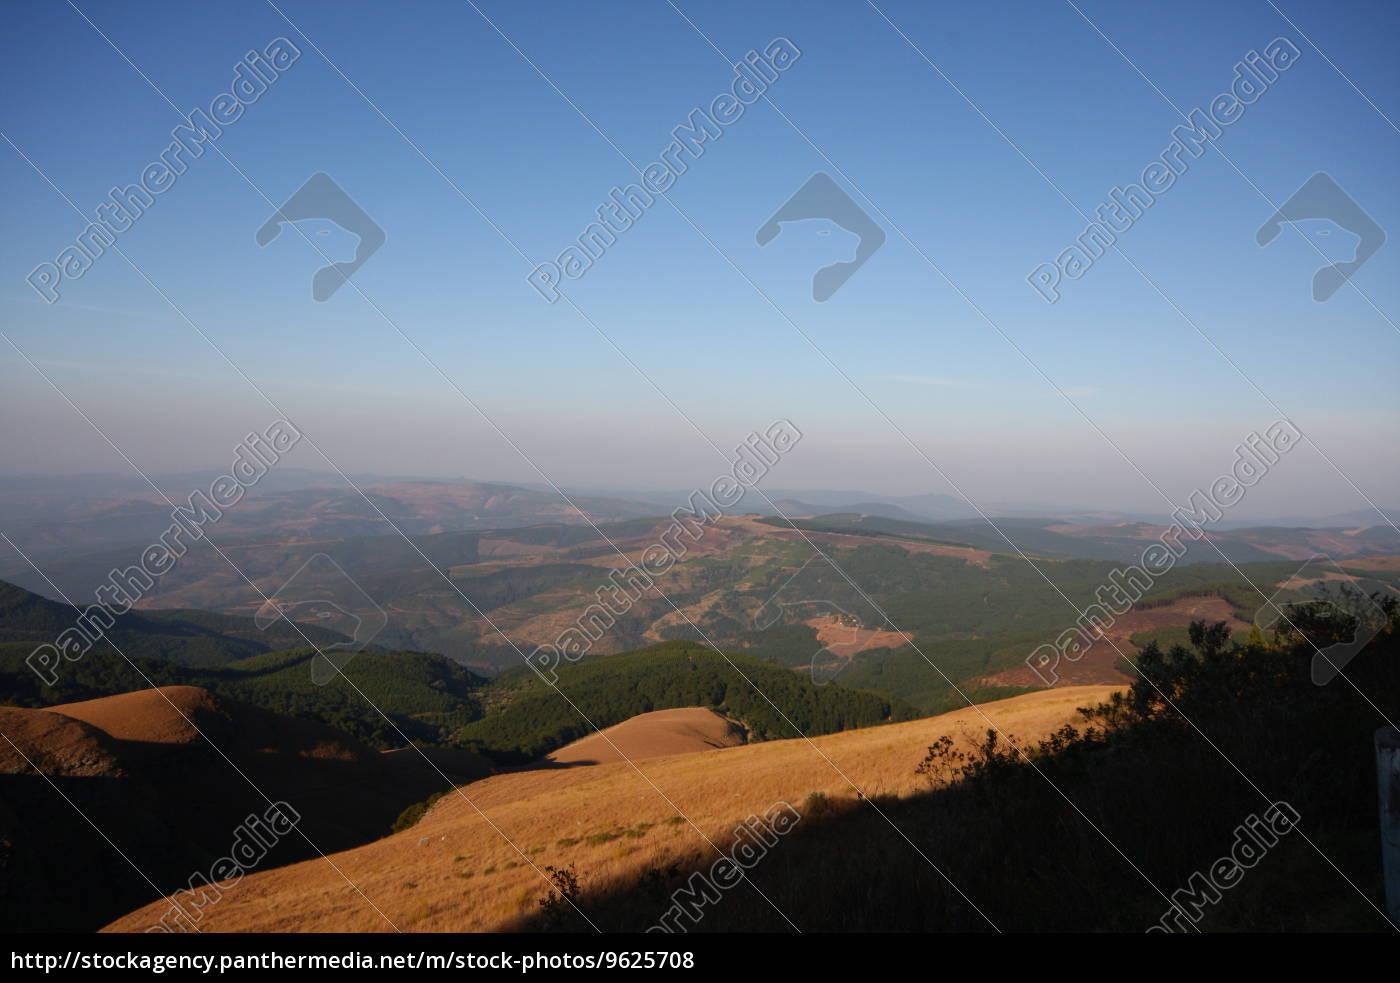 Südafrika, Long Tom Pass, Berge, Landschaft, Aussicht, Himmel - 9625708